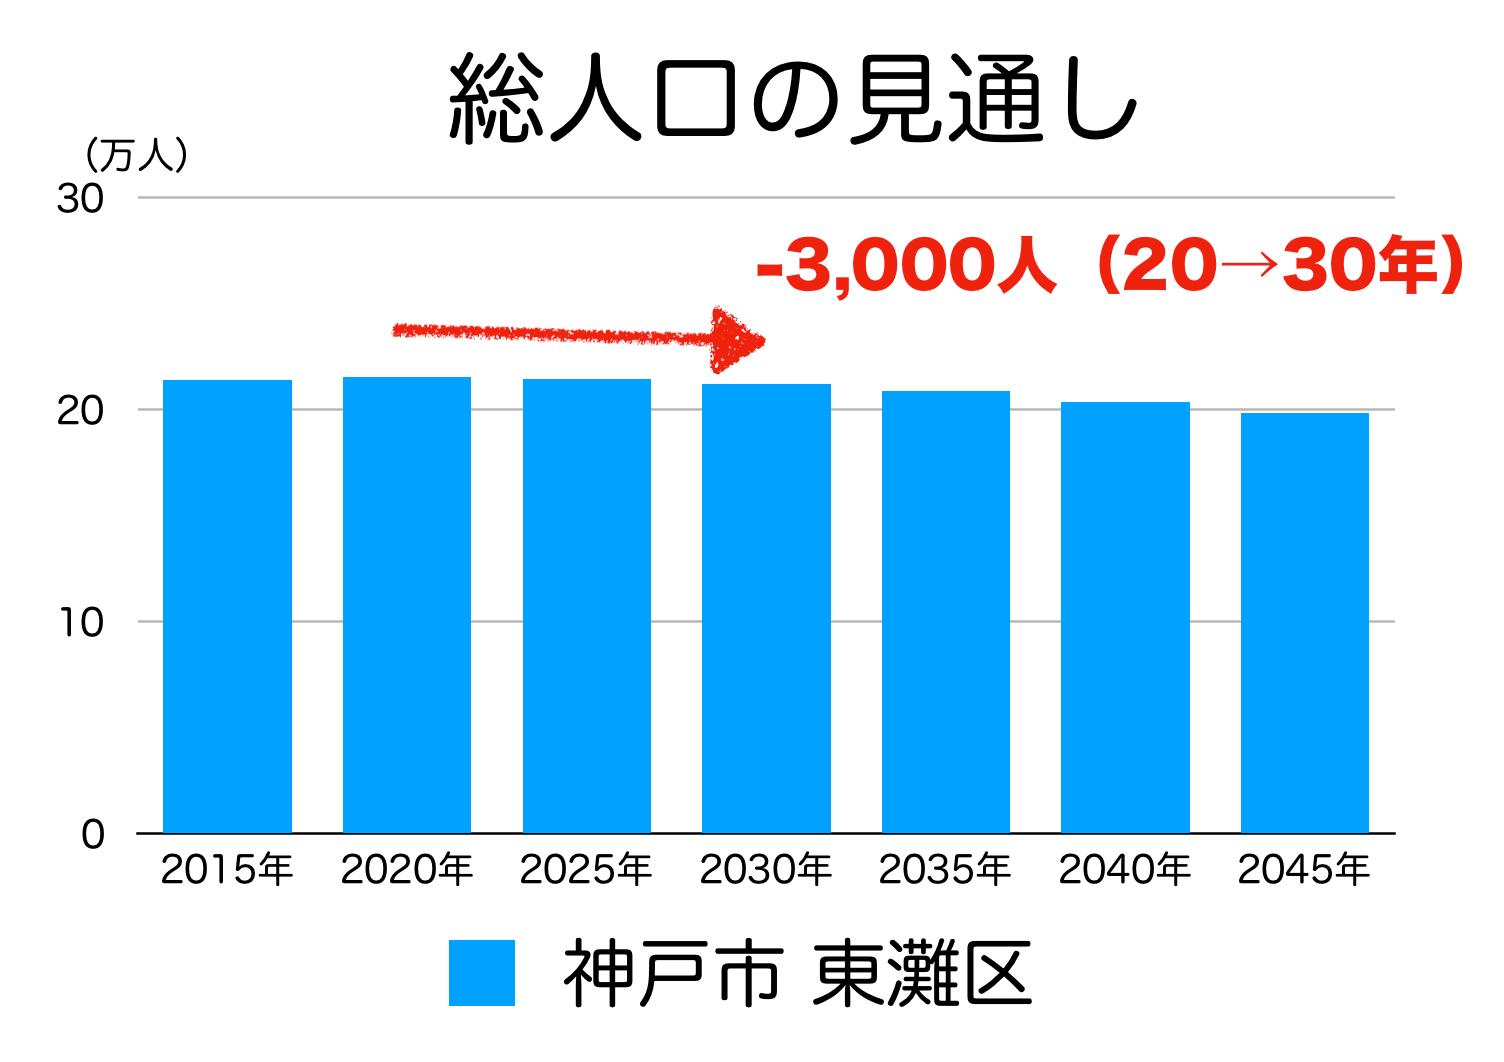 神戸市東灘区の人口予測